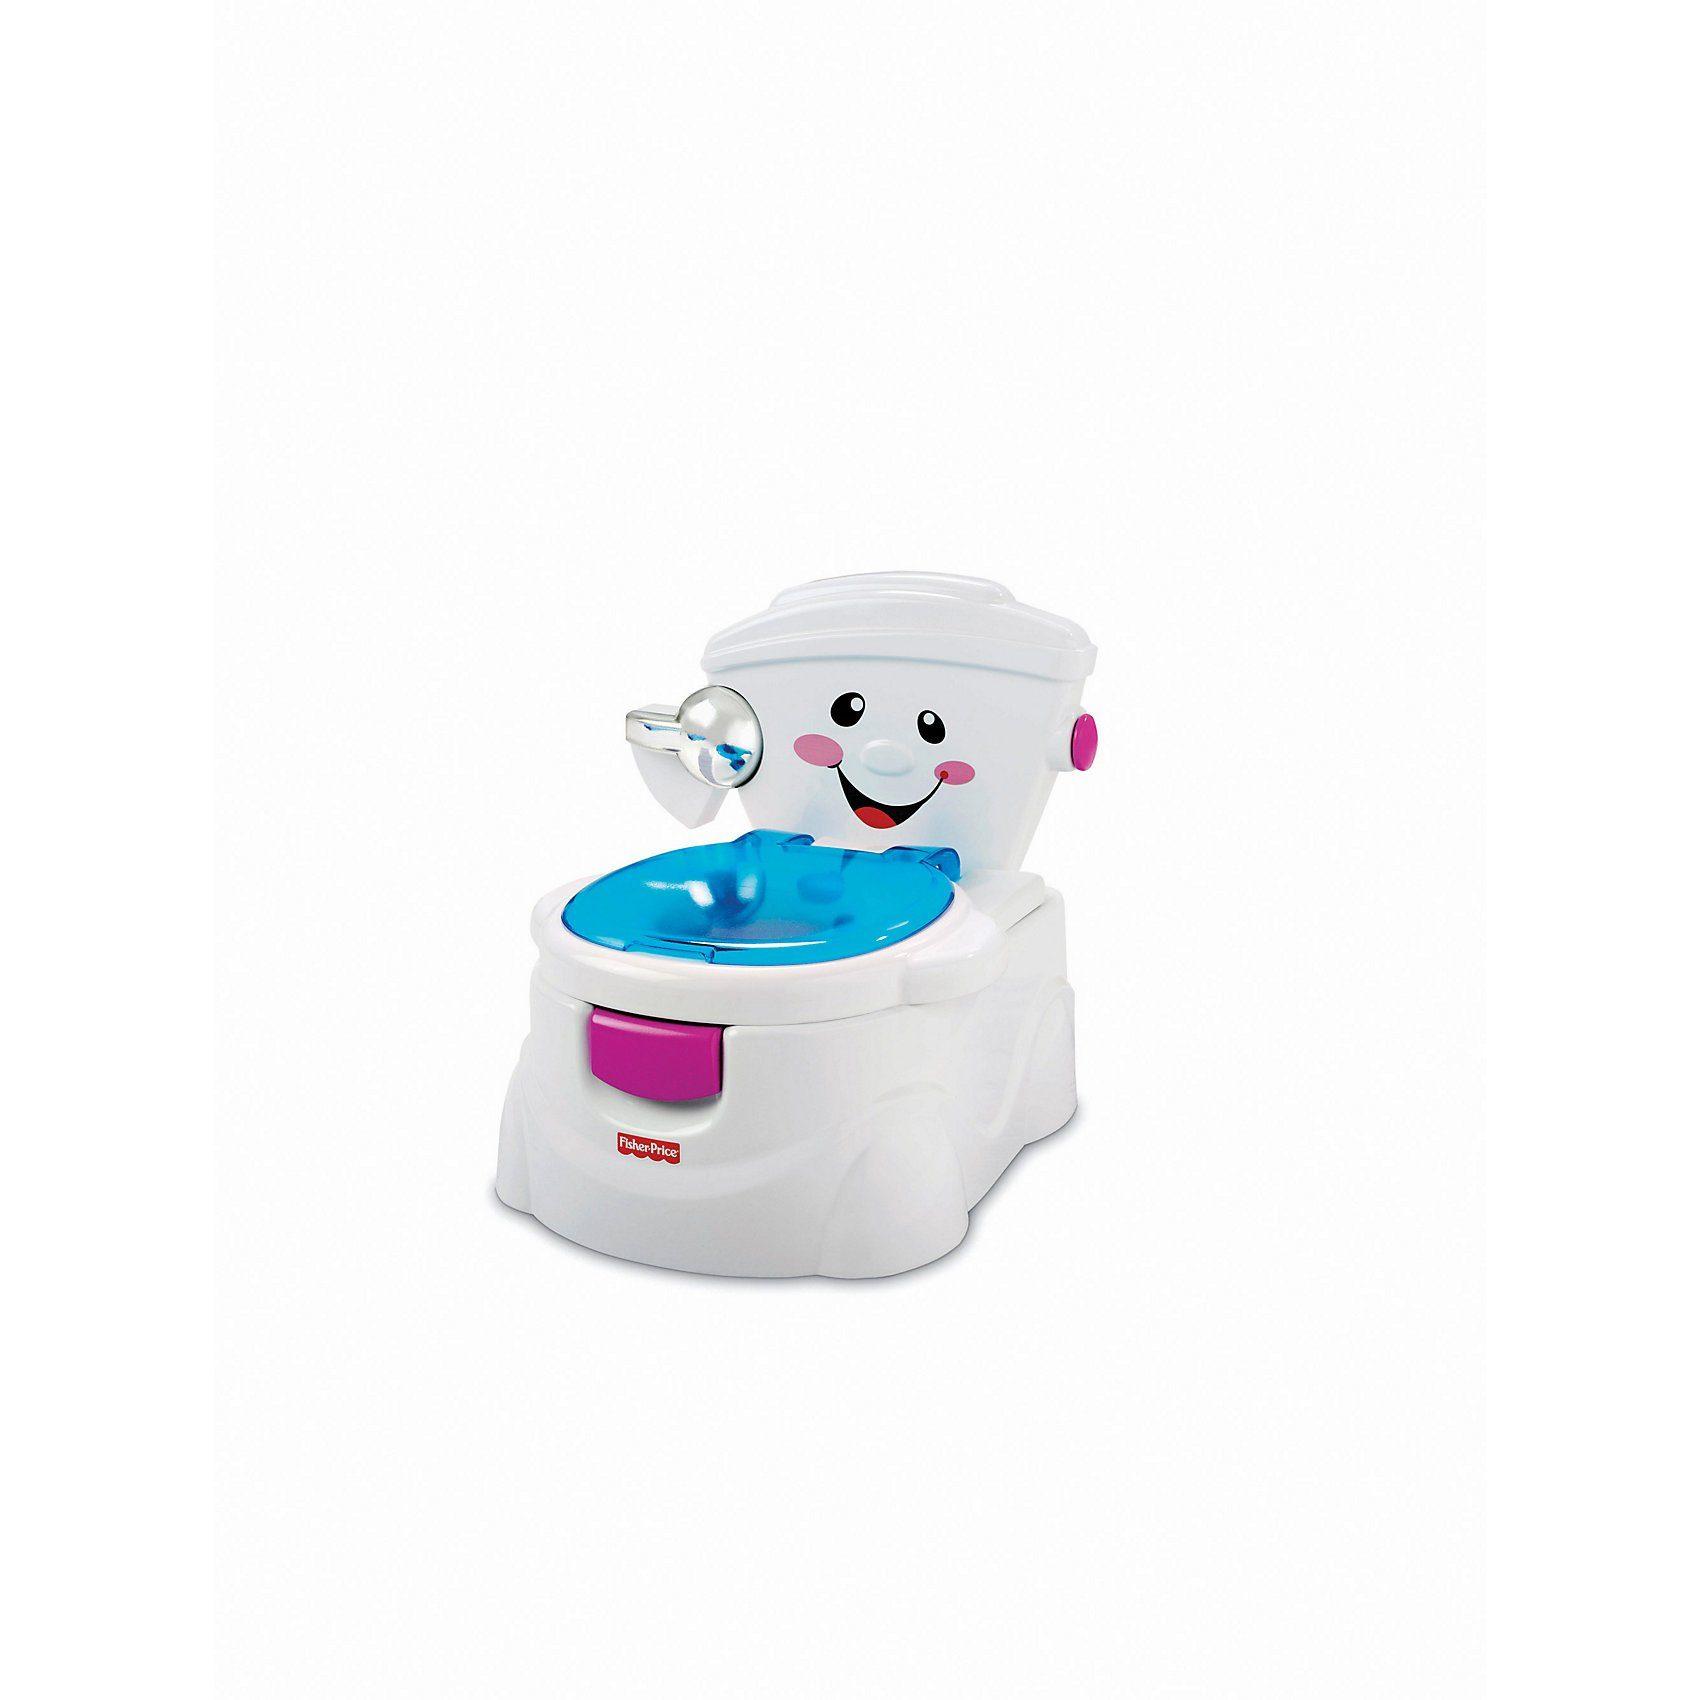 Mattel Baby Gear - Meine erste Toilette